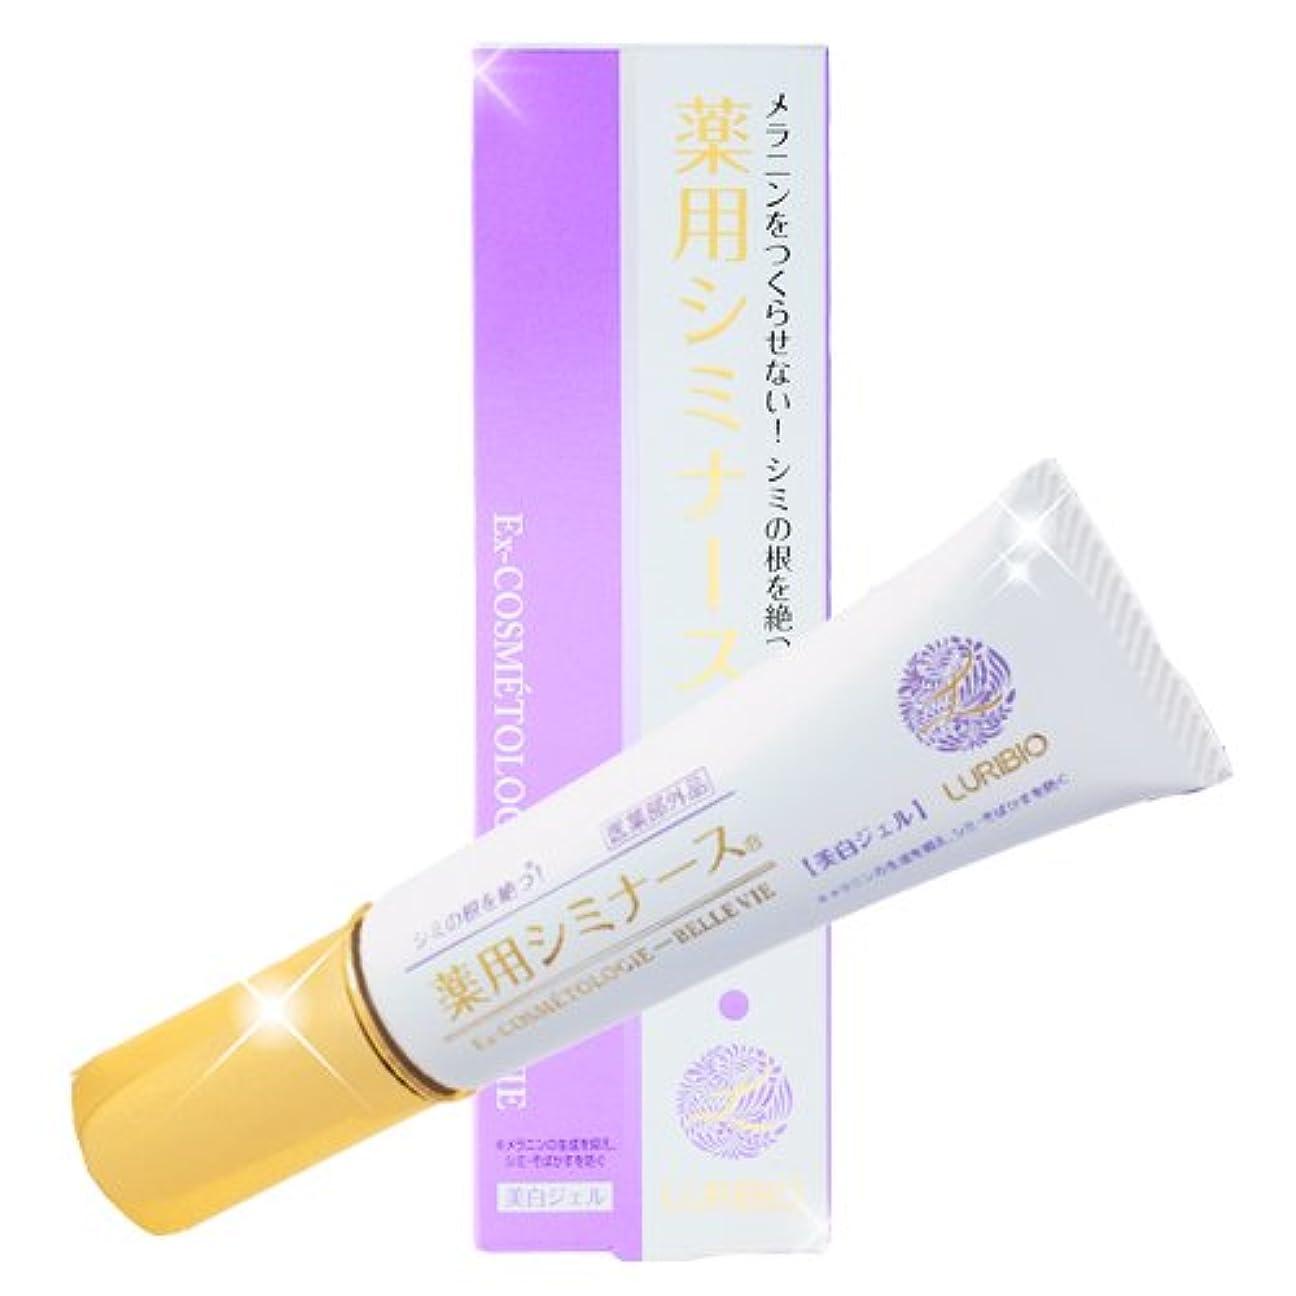 アレンジ土砂降りブラジャー薬用シミナース (医薬部外品) ホワイトニング35g